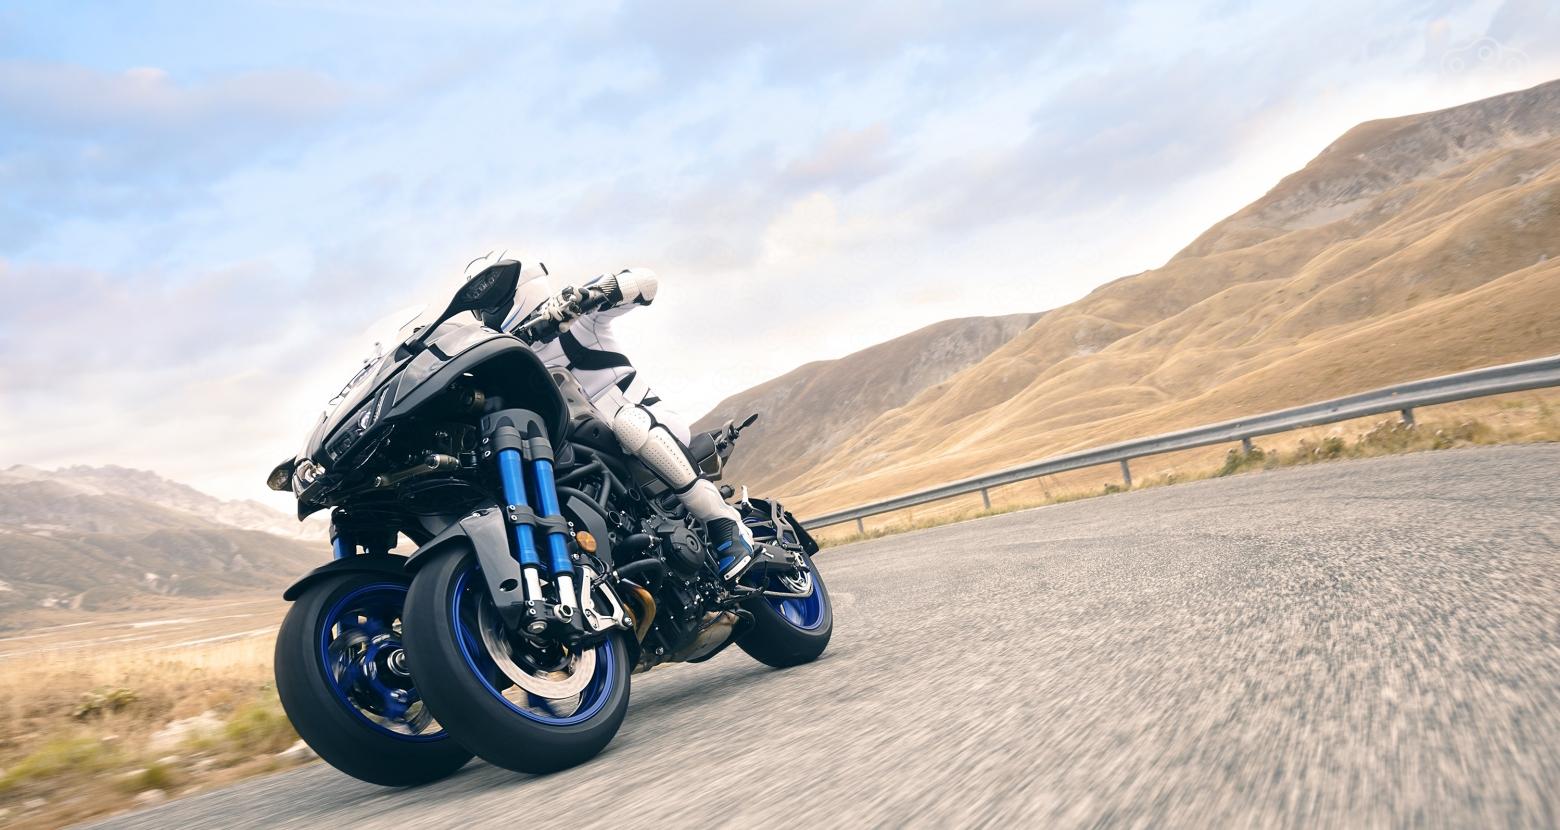 yamaha niken review threewheeled motorcycle - HD1560×830